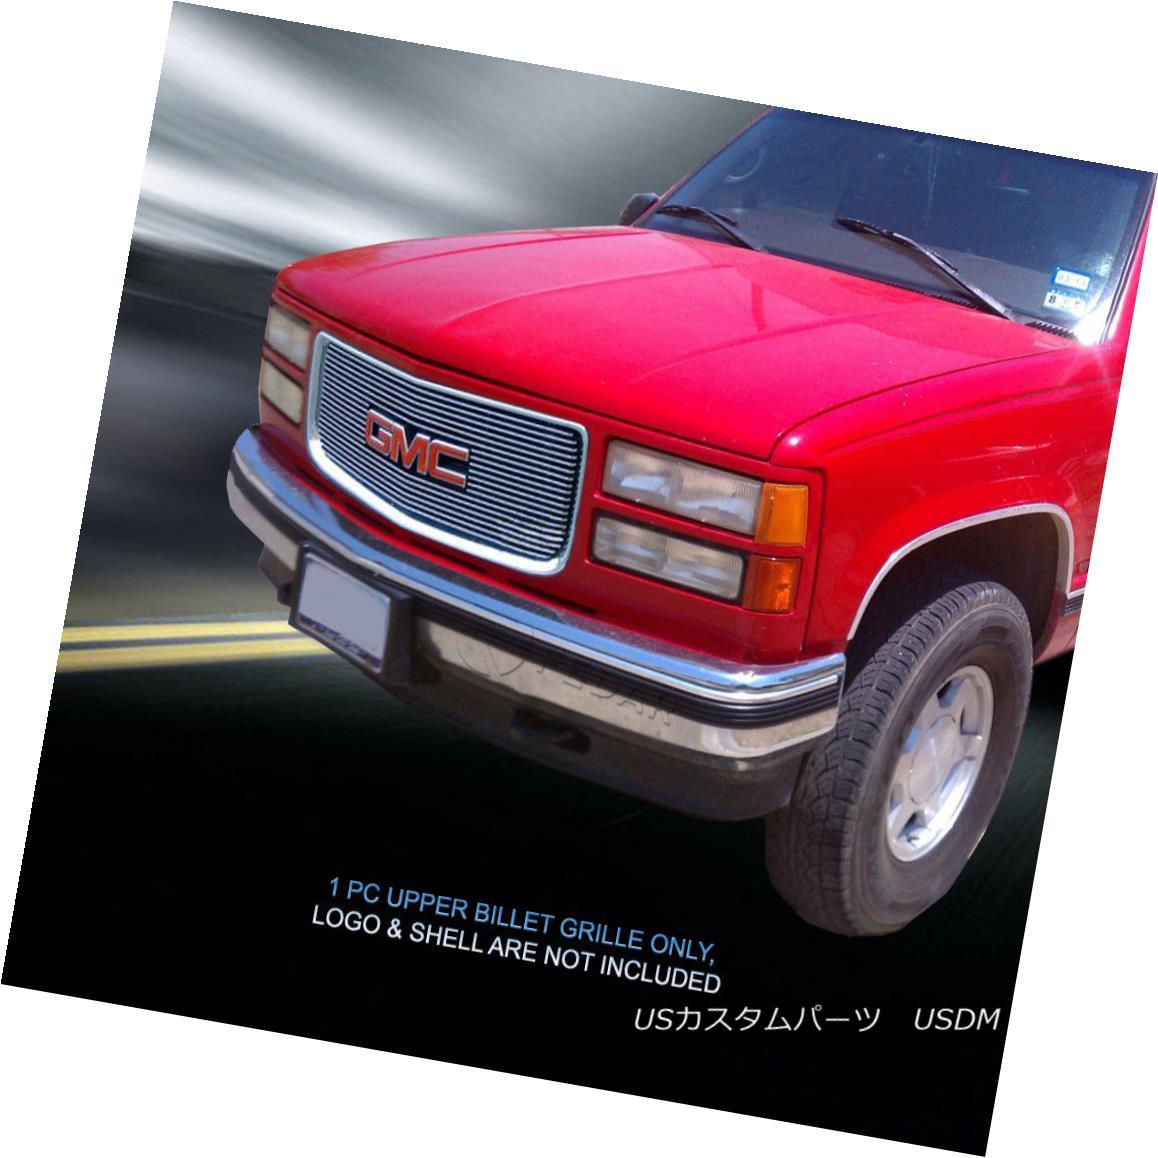 グリル 94-98 GMC Yukon C/K Pickup Suburban Billet Grille Grill Insert Fedar 94-98 GMCユーコンC / Kピックアップ郊外ビレットグリルグリルインサートフェルダー